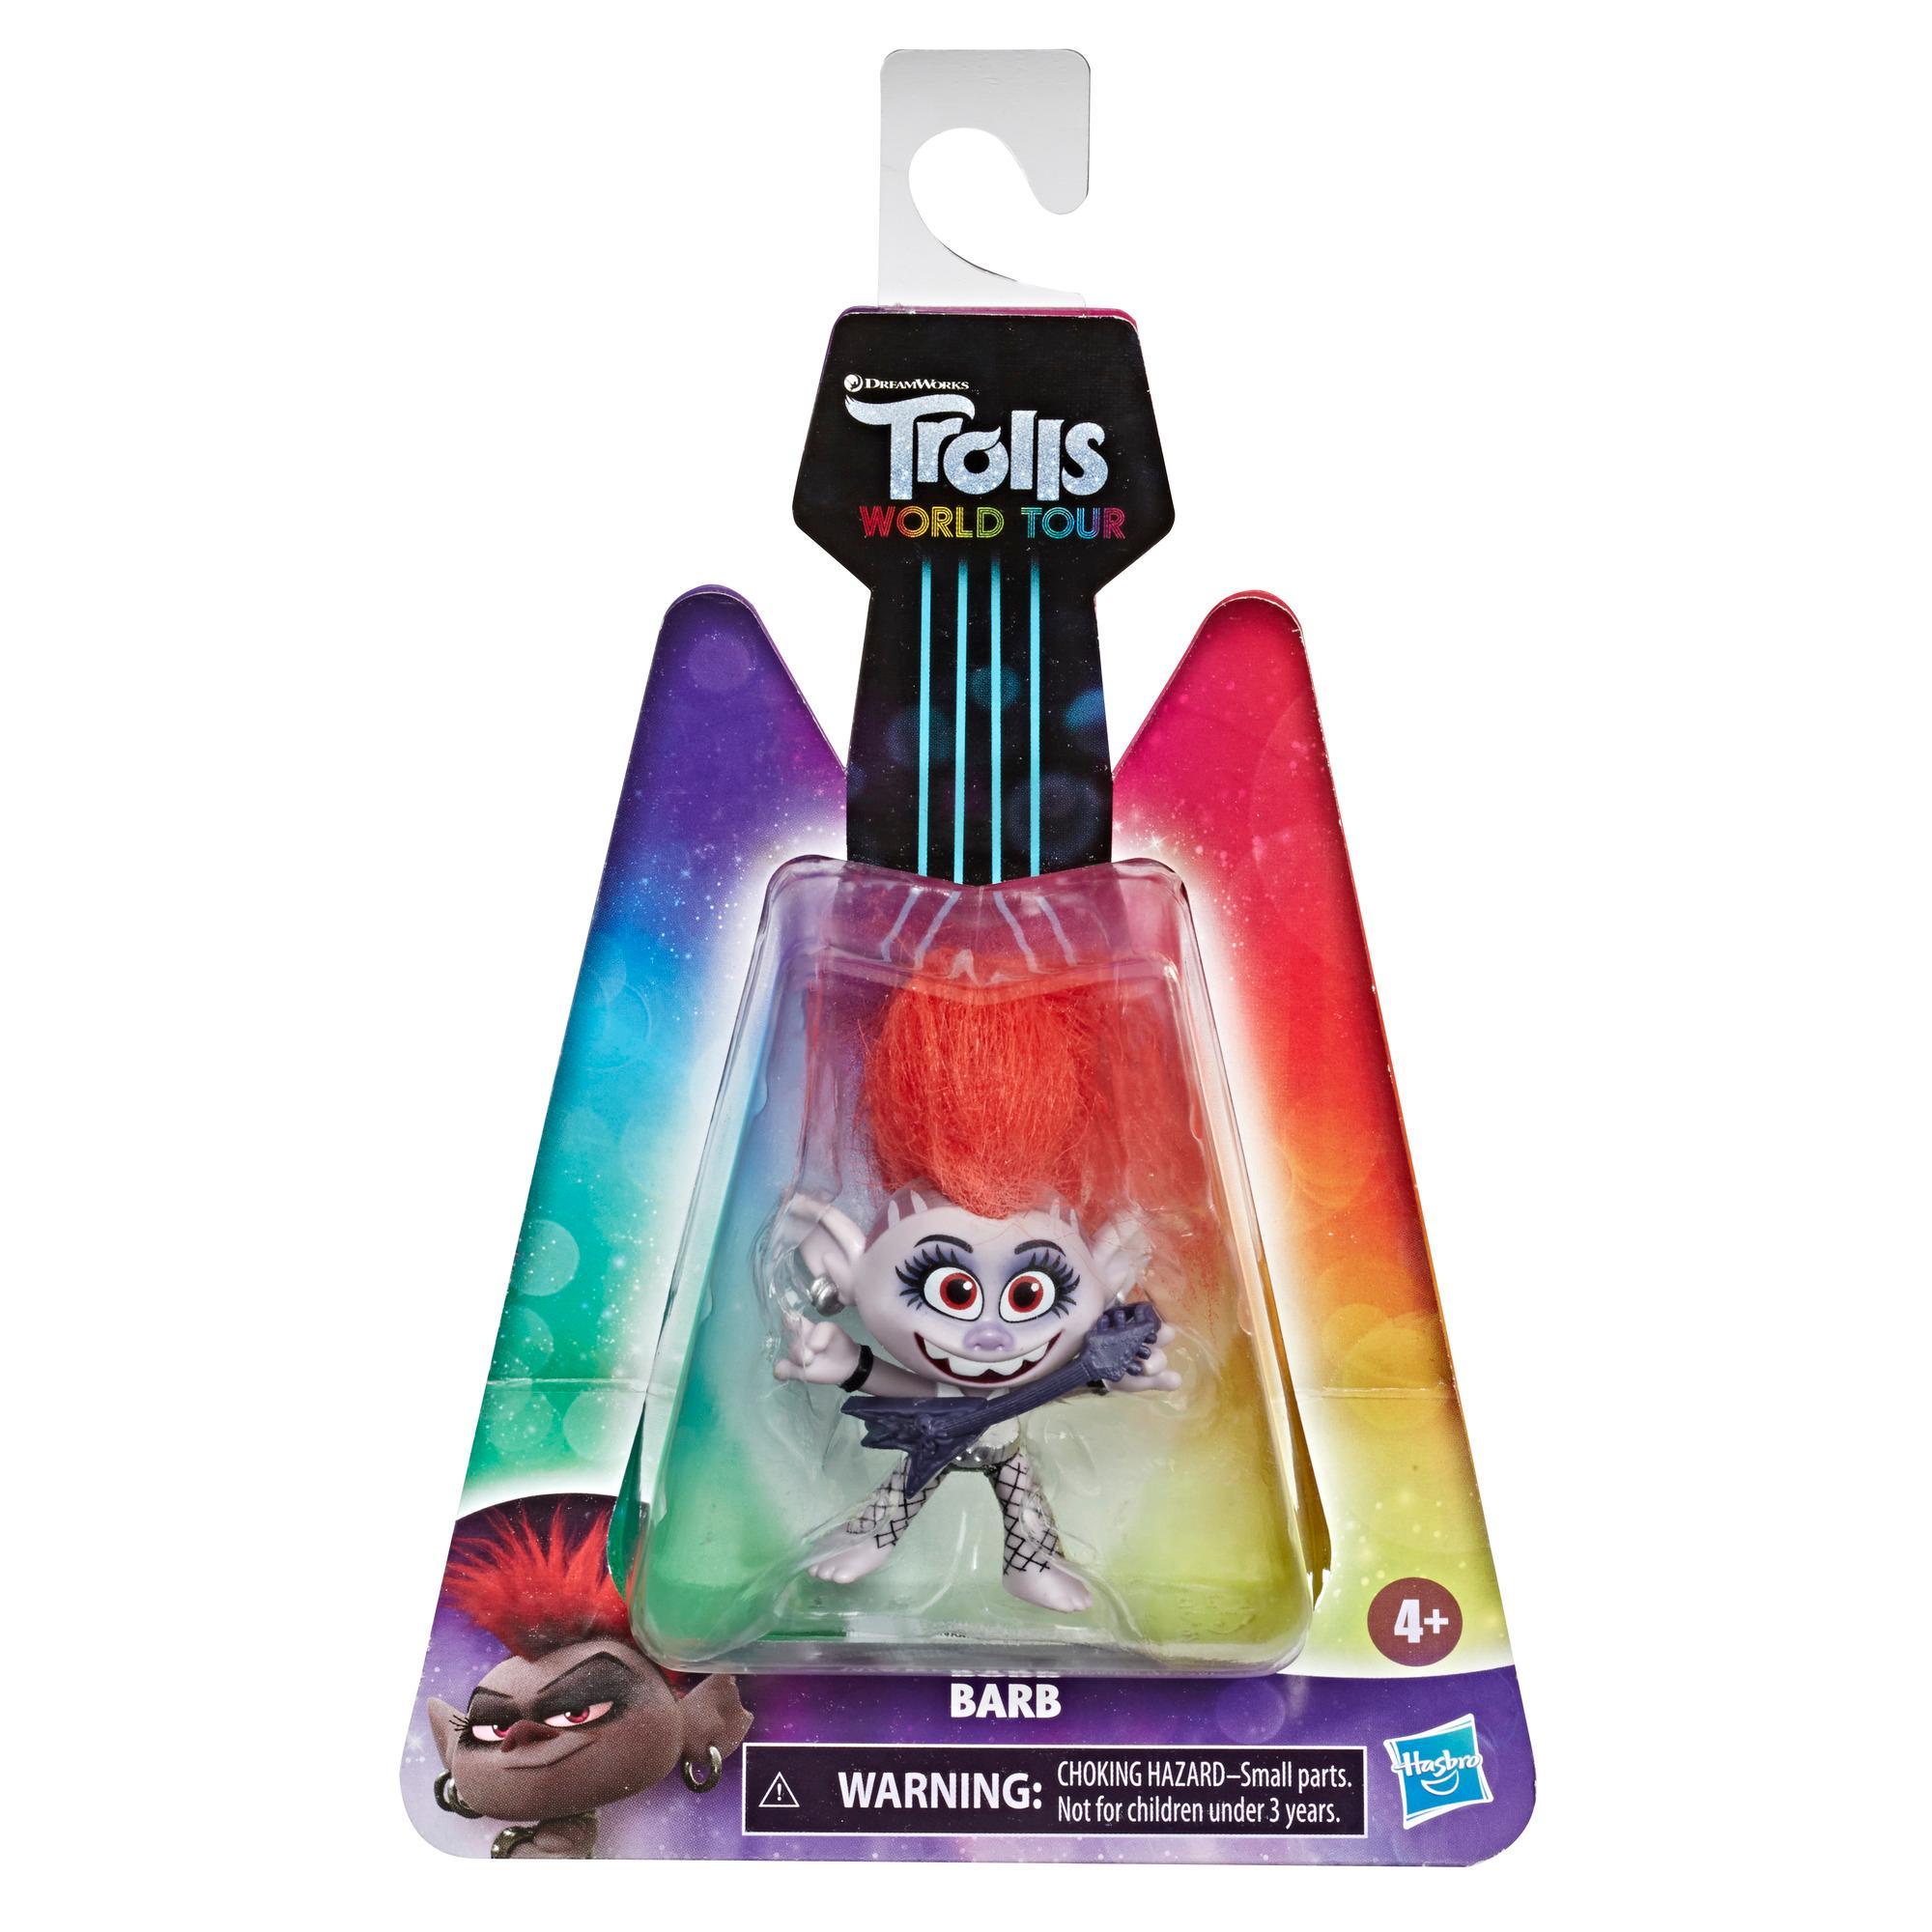 DreamWorks Trolls da DreamWorks - Barb com guitarra, com inspiração no filme Trolls World Tour